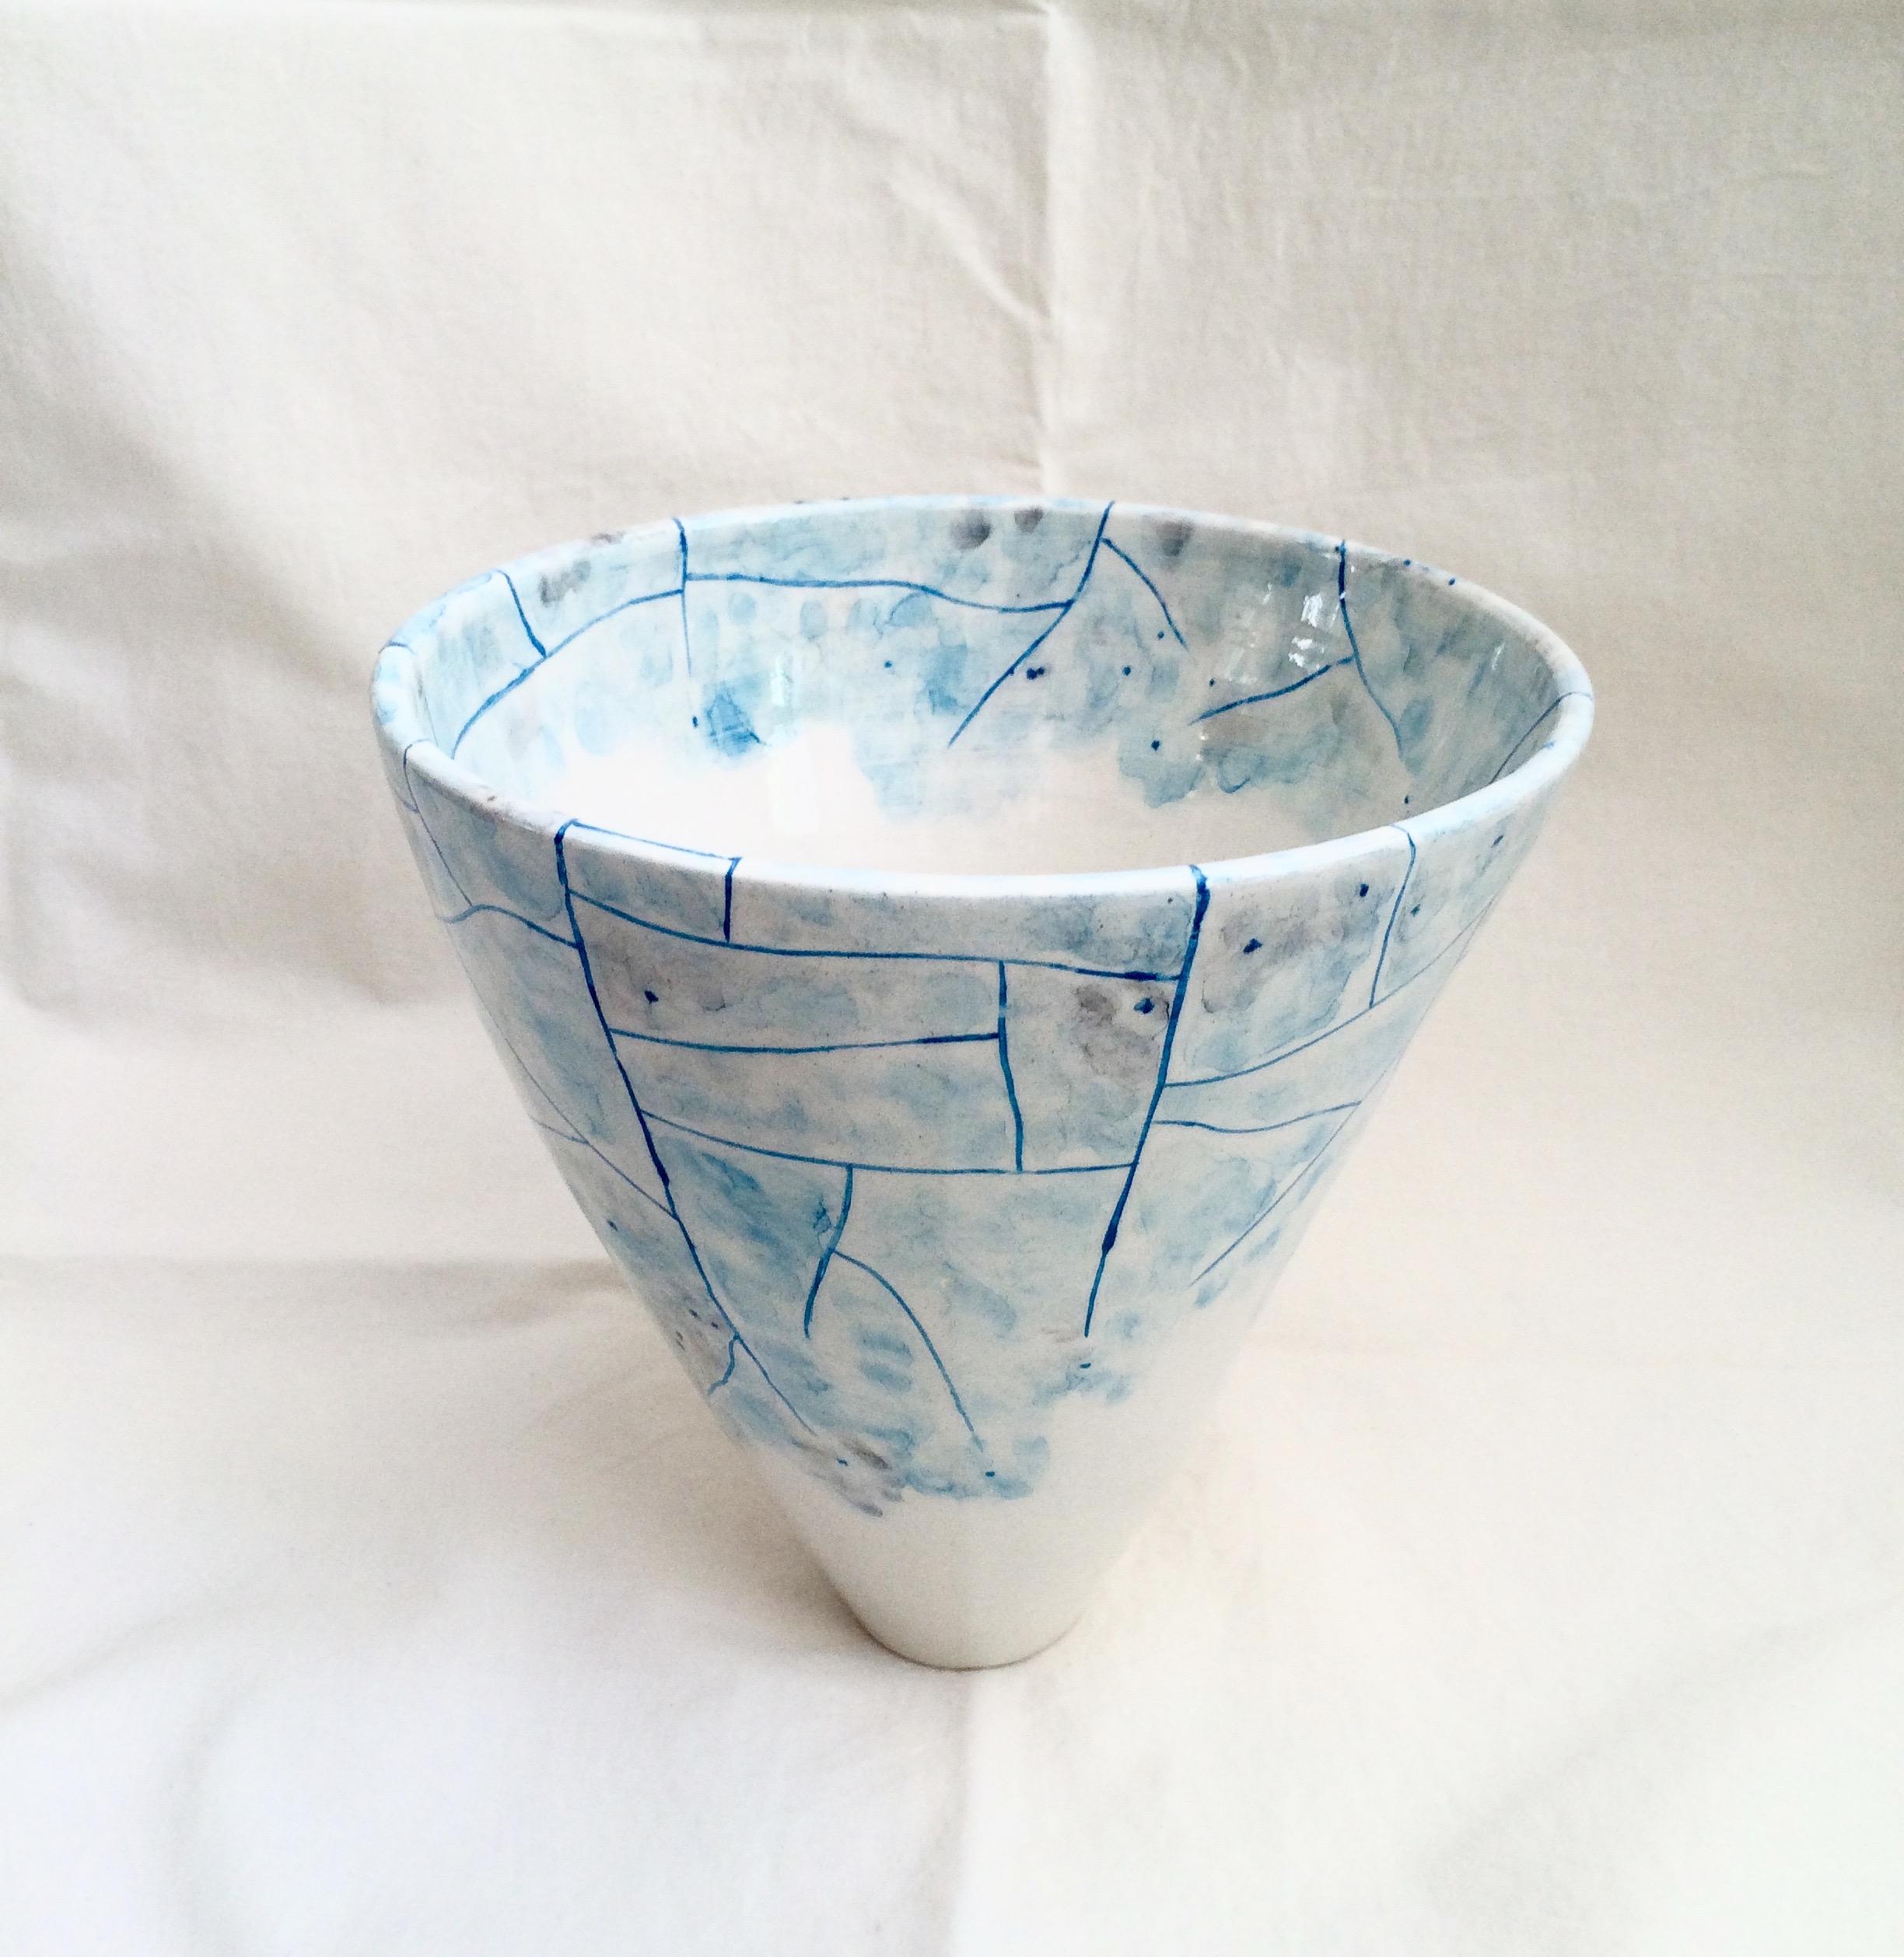 Winter (t)here Vase by NIKORU @nicholehastings